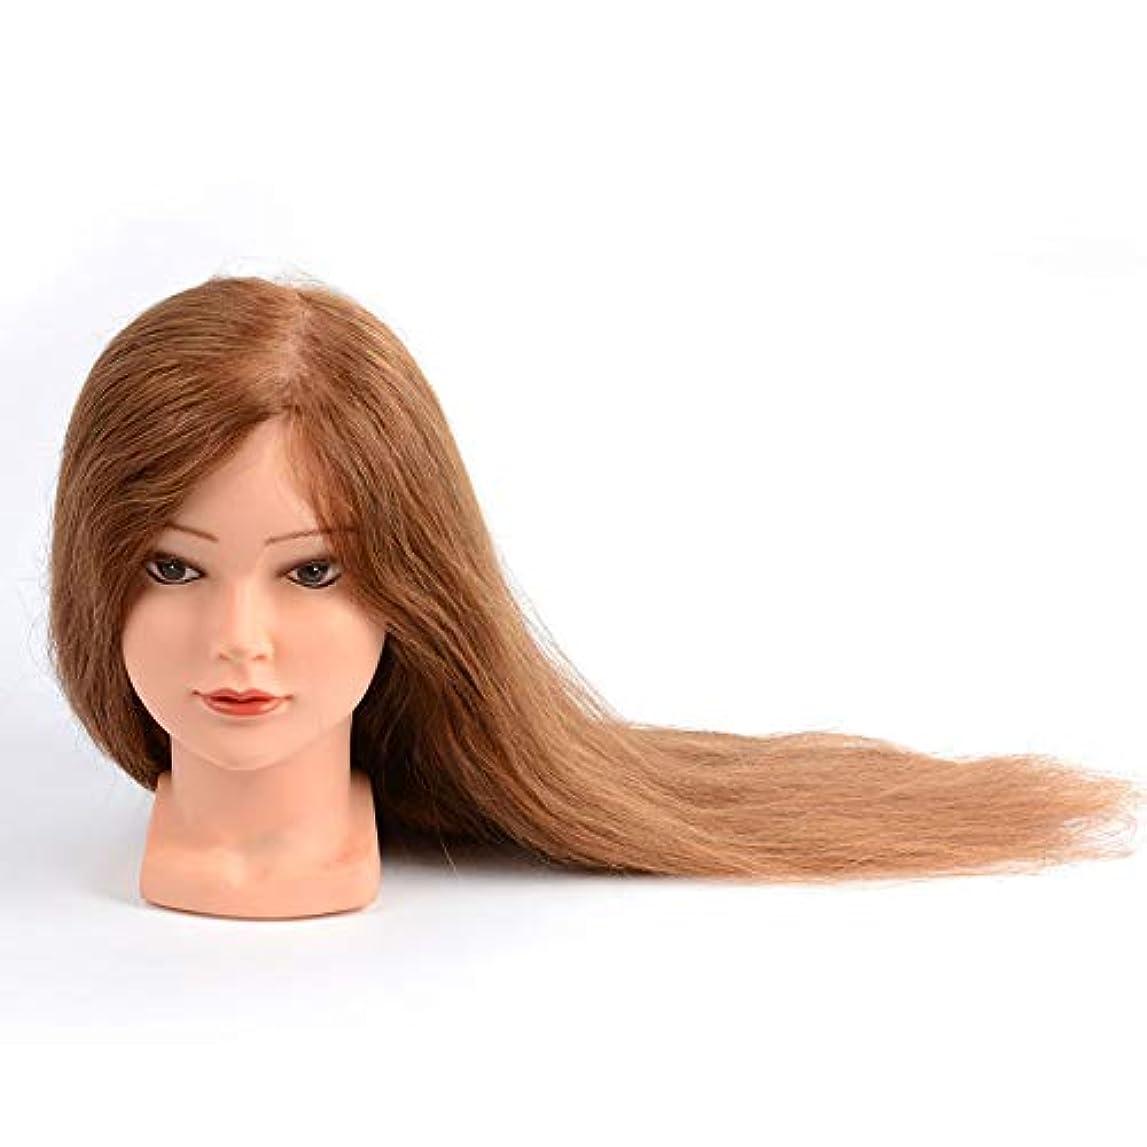 ラリービジュアルお尻実在の人の髪のダミーヘッド理髪店学習パーマ髪染めウィッグモデルヘッド花嫁メイクスタイル教育ヘッド